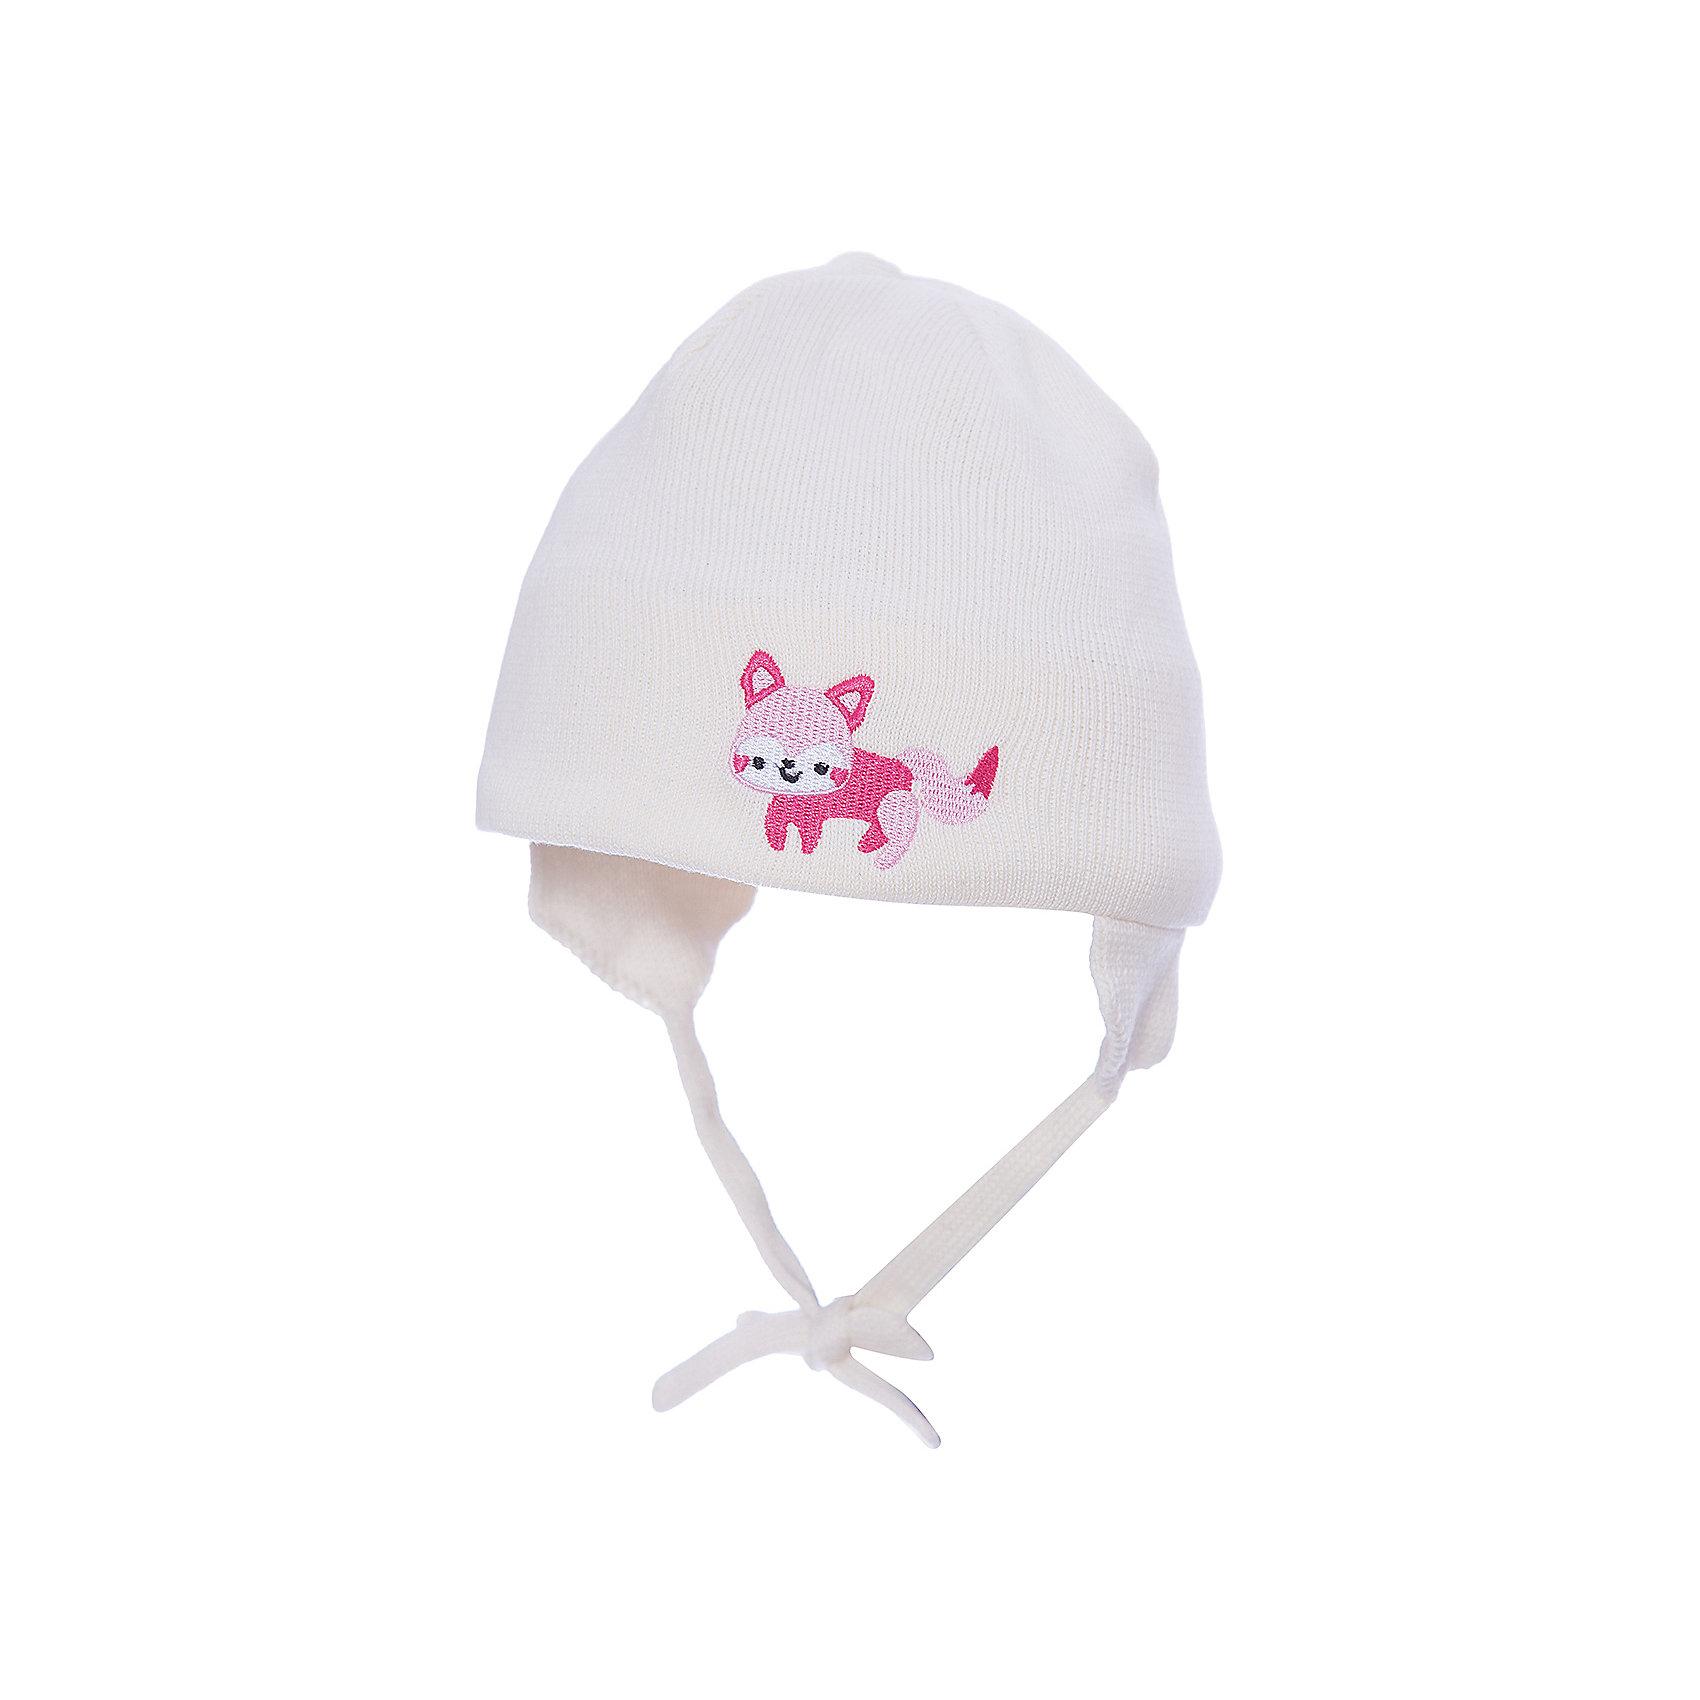 Шапка для девочки HuppaГоловные уборы<br>Хлопчатобумажная демисезонная шапка на завязках.<br><br>Дополнительная информация:<br><br>Демисезонная модель<br>Состав:100% хлопок<br><br>Шапку для девочки Huppa можно купить в нашем магазине.<br><br>Ширина мм: 89<br>Глубина мм: 117<br>Высота мм: 44<br>Вес г: 155<br>Цвет: белый<br>Возраст от месяцев: 9<br>Возраст до месяцев: 12<br>Пол: Женский<br>Возраст: Детский<br>Размер: 43-45,51-53,39-43,47-49<br>SKU: 4595800